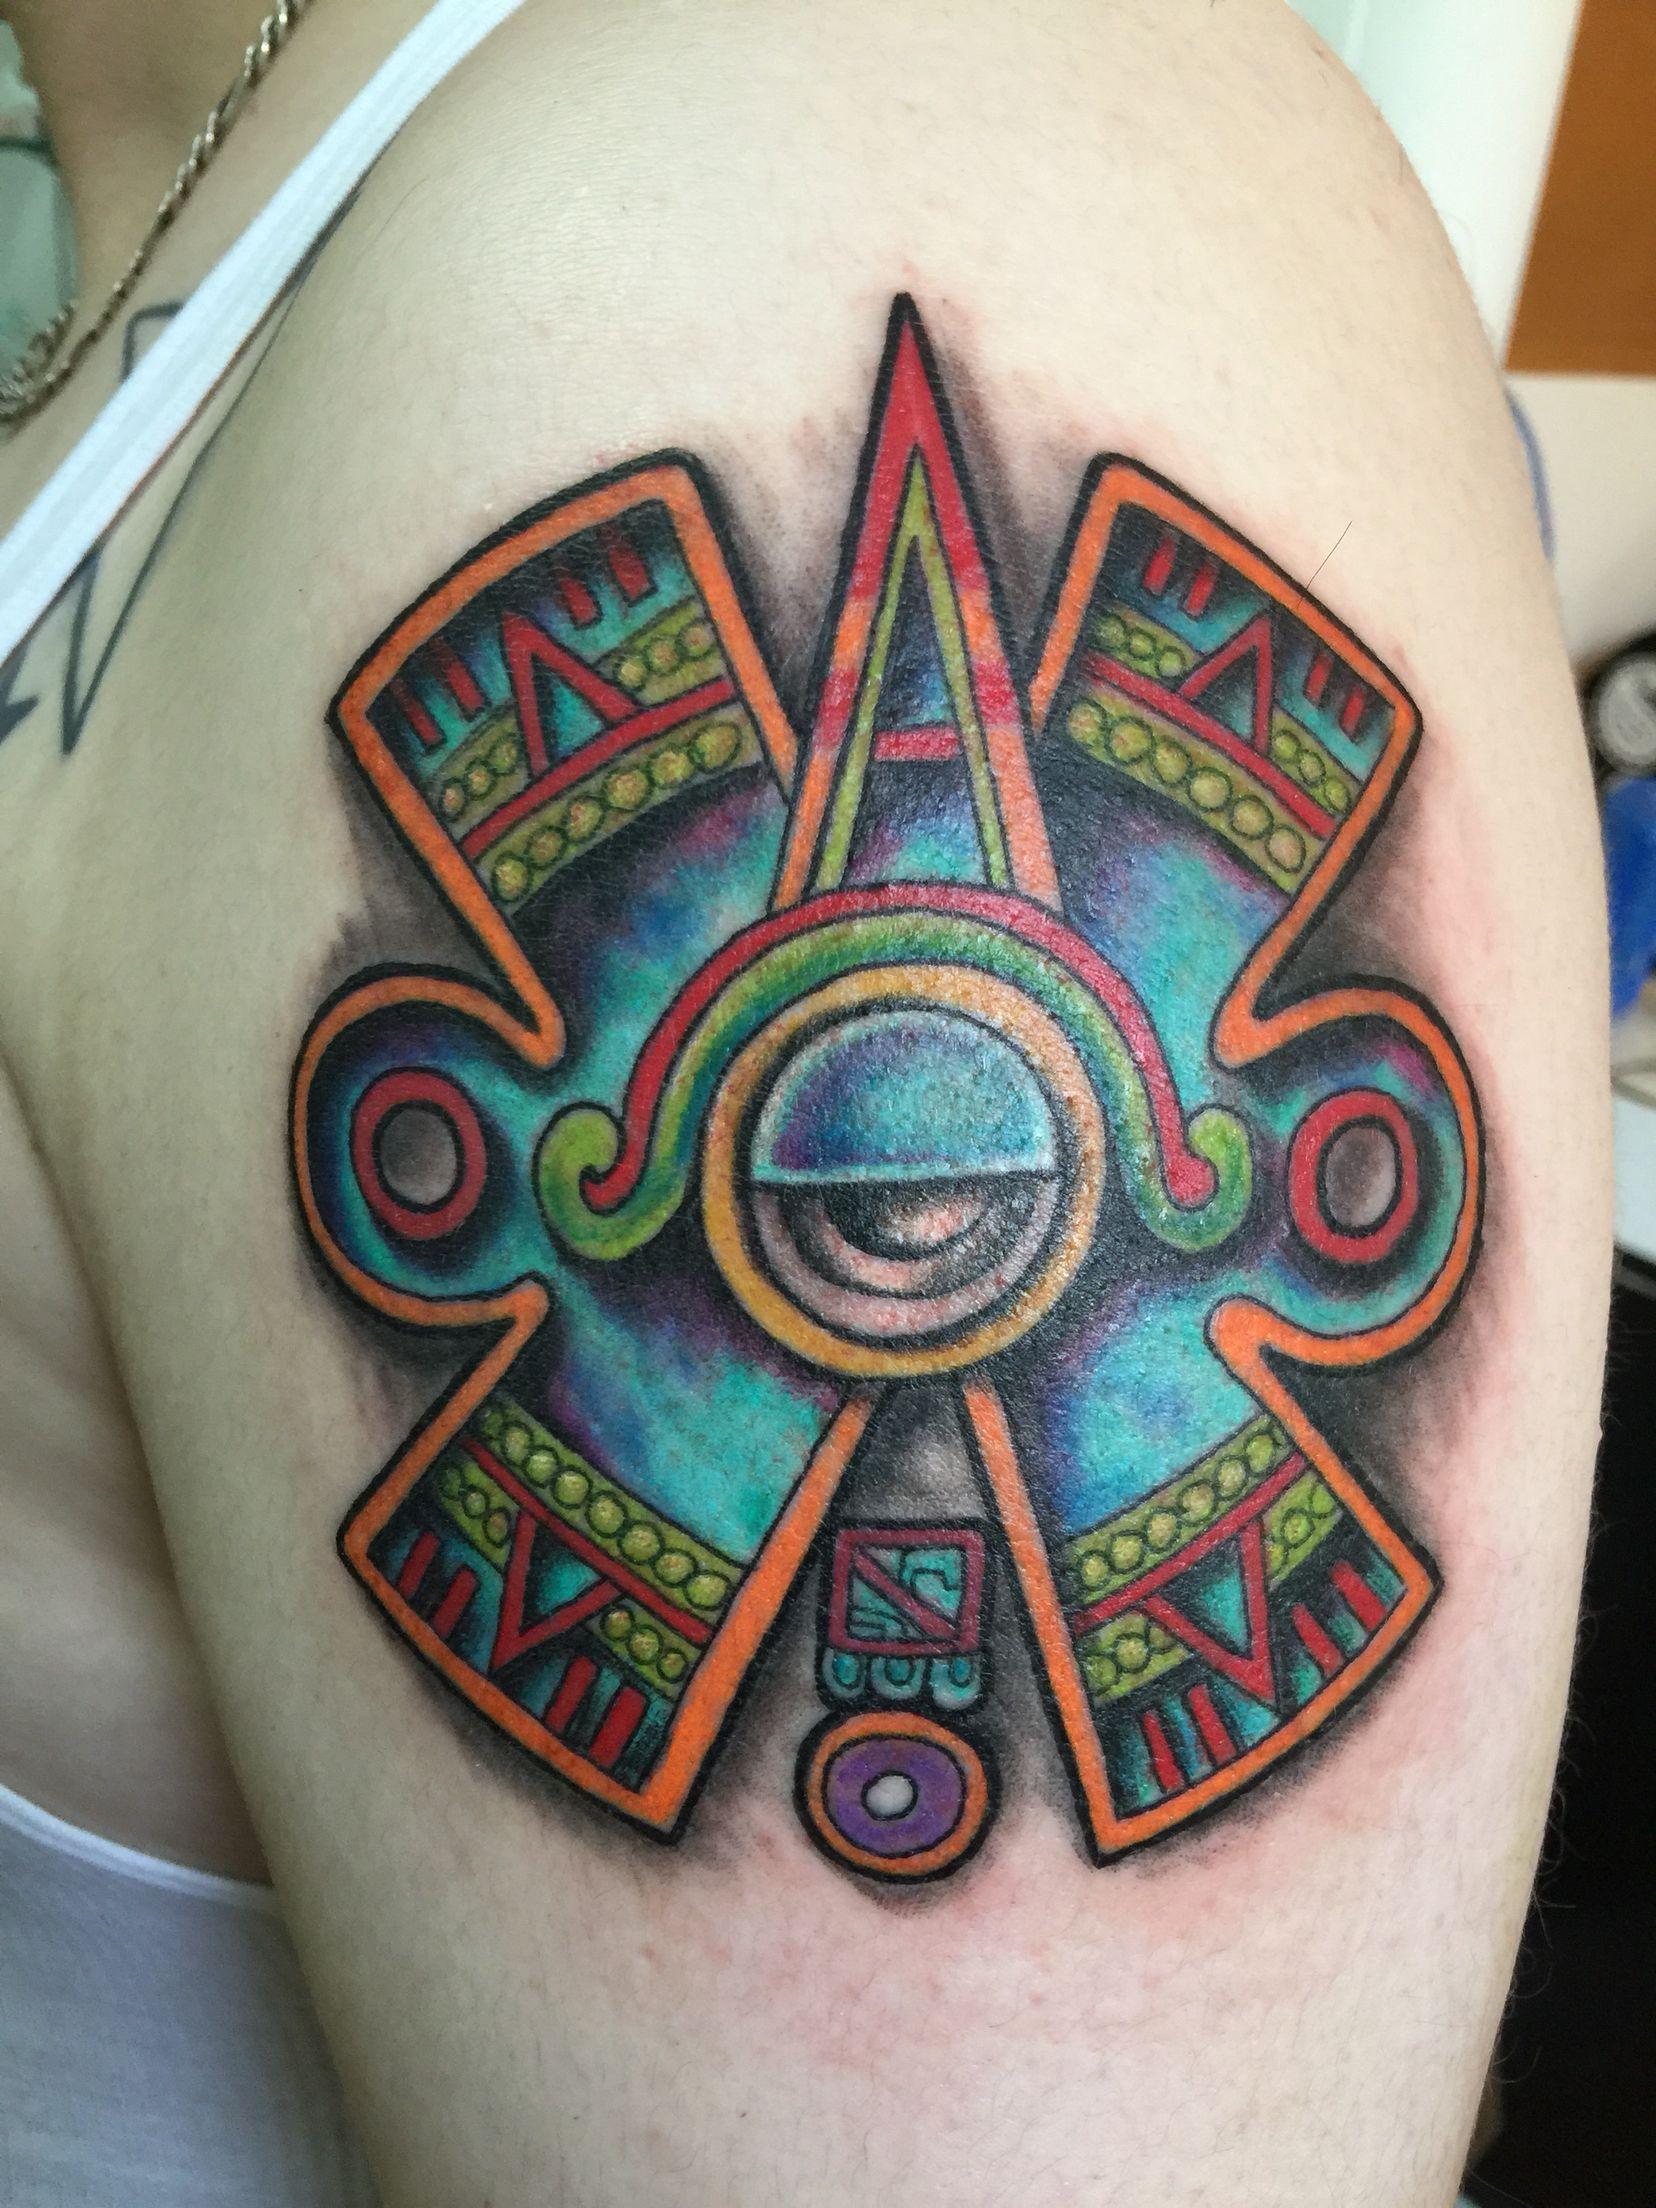 Ollin Tatuajes Prehispánicos Movimiento Aztlan Tatuaje Hecho Por